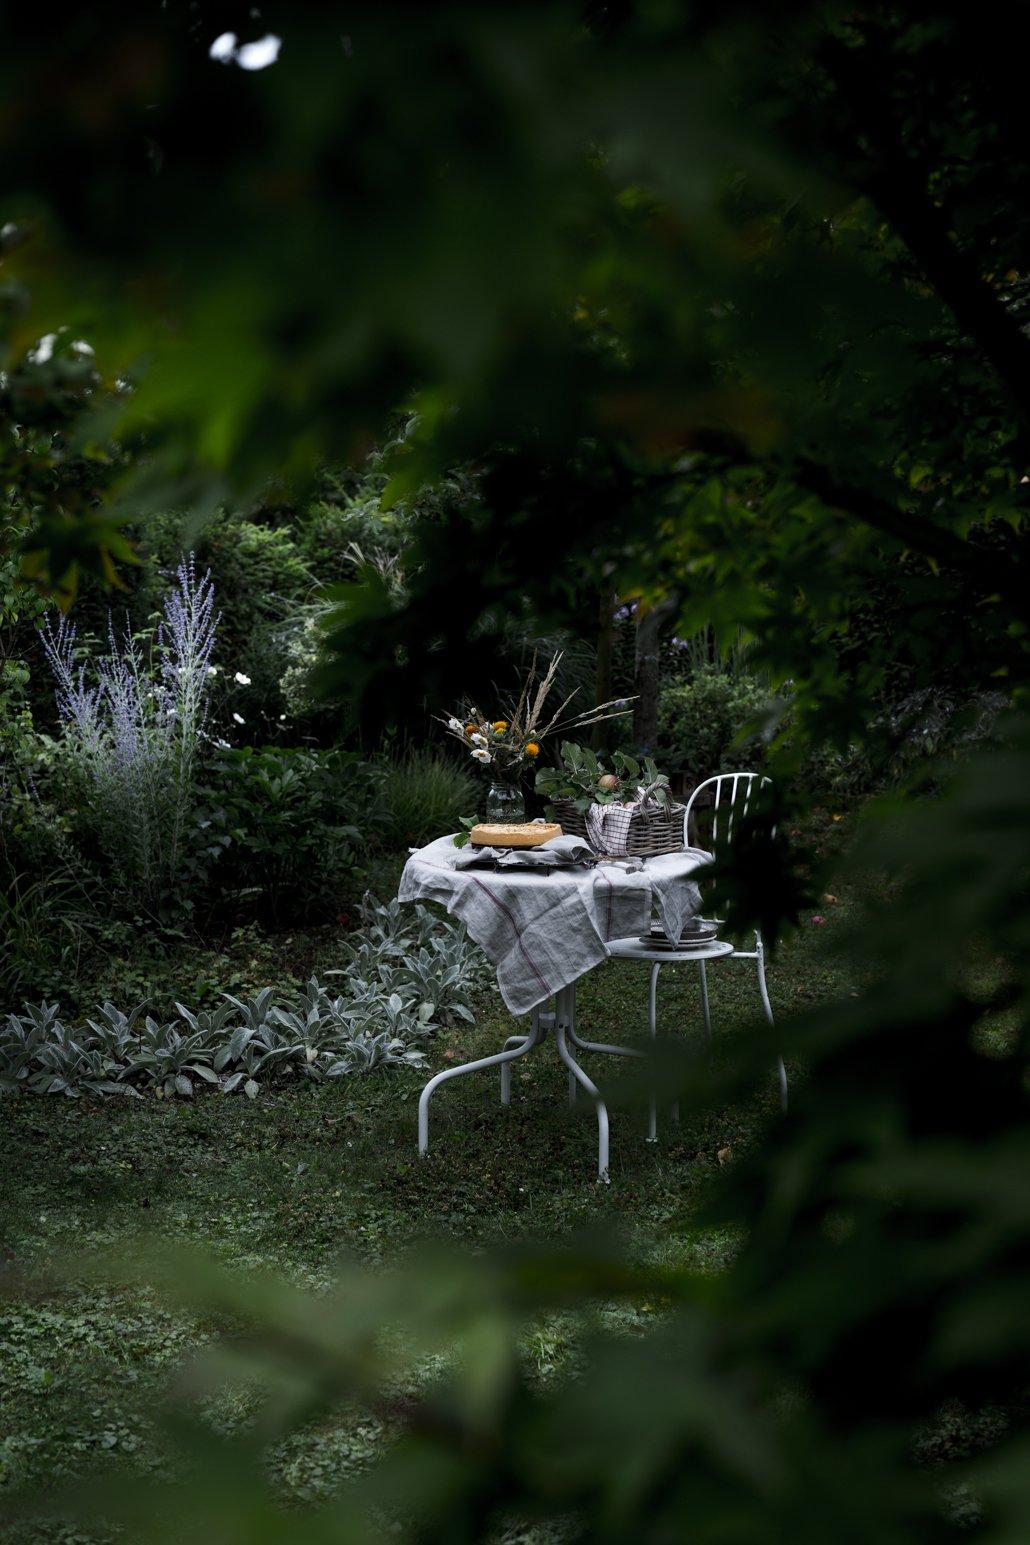 Tisch im Garten mit Kuchen